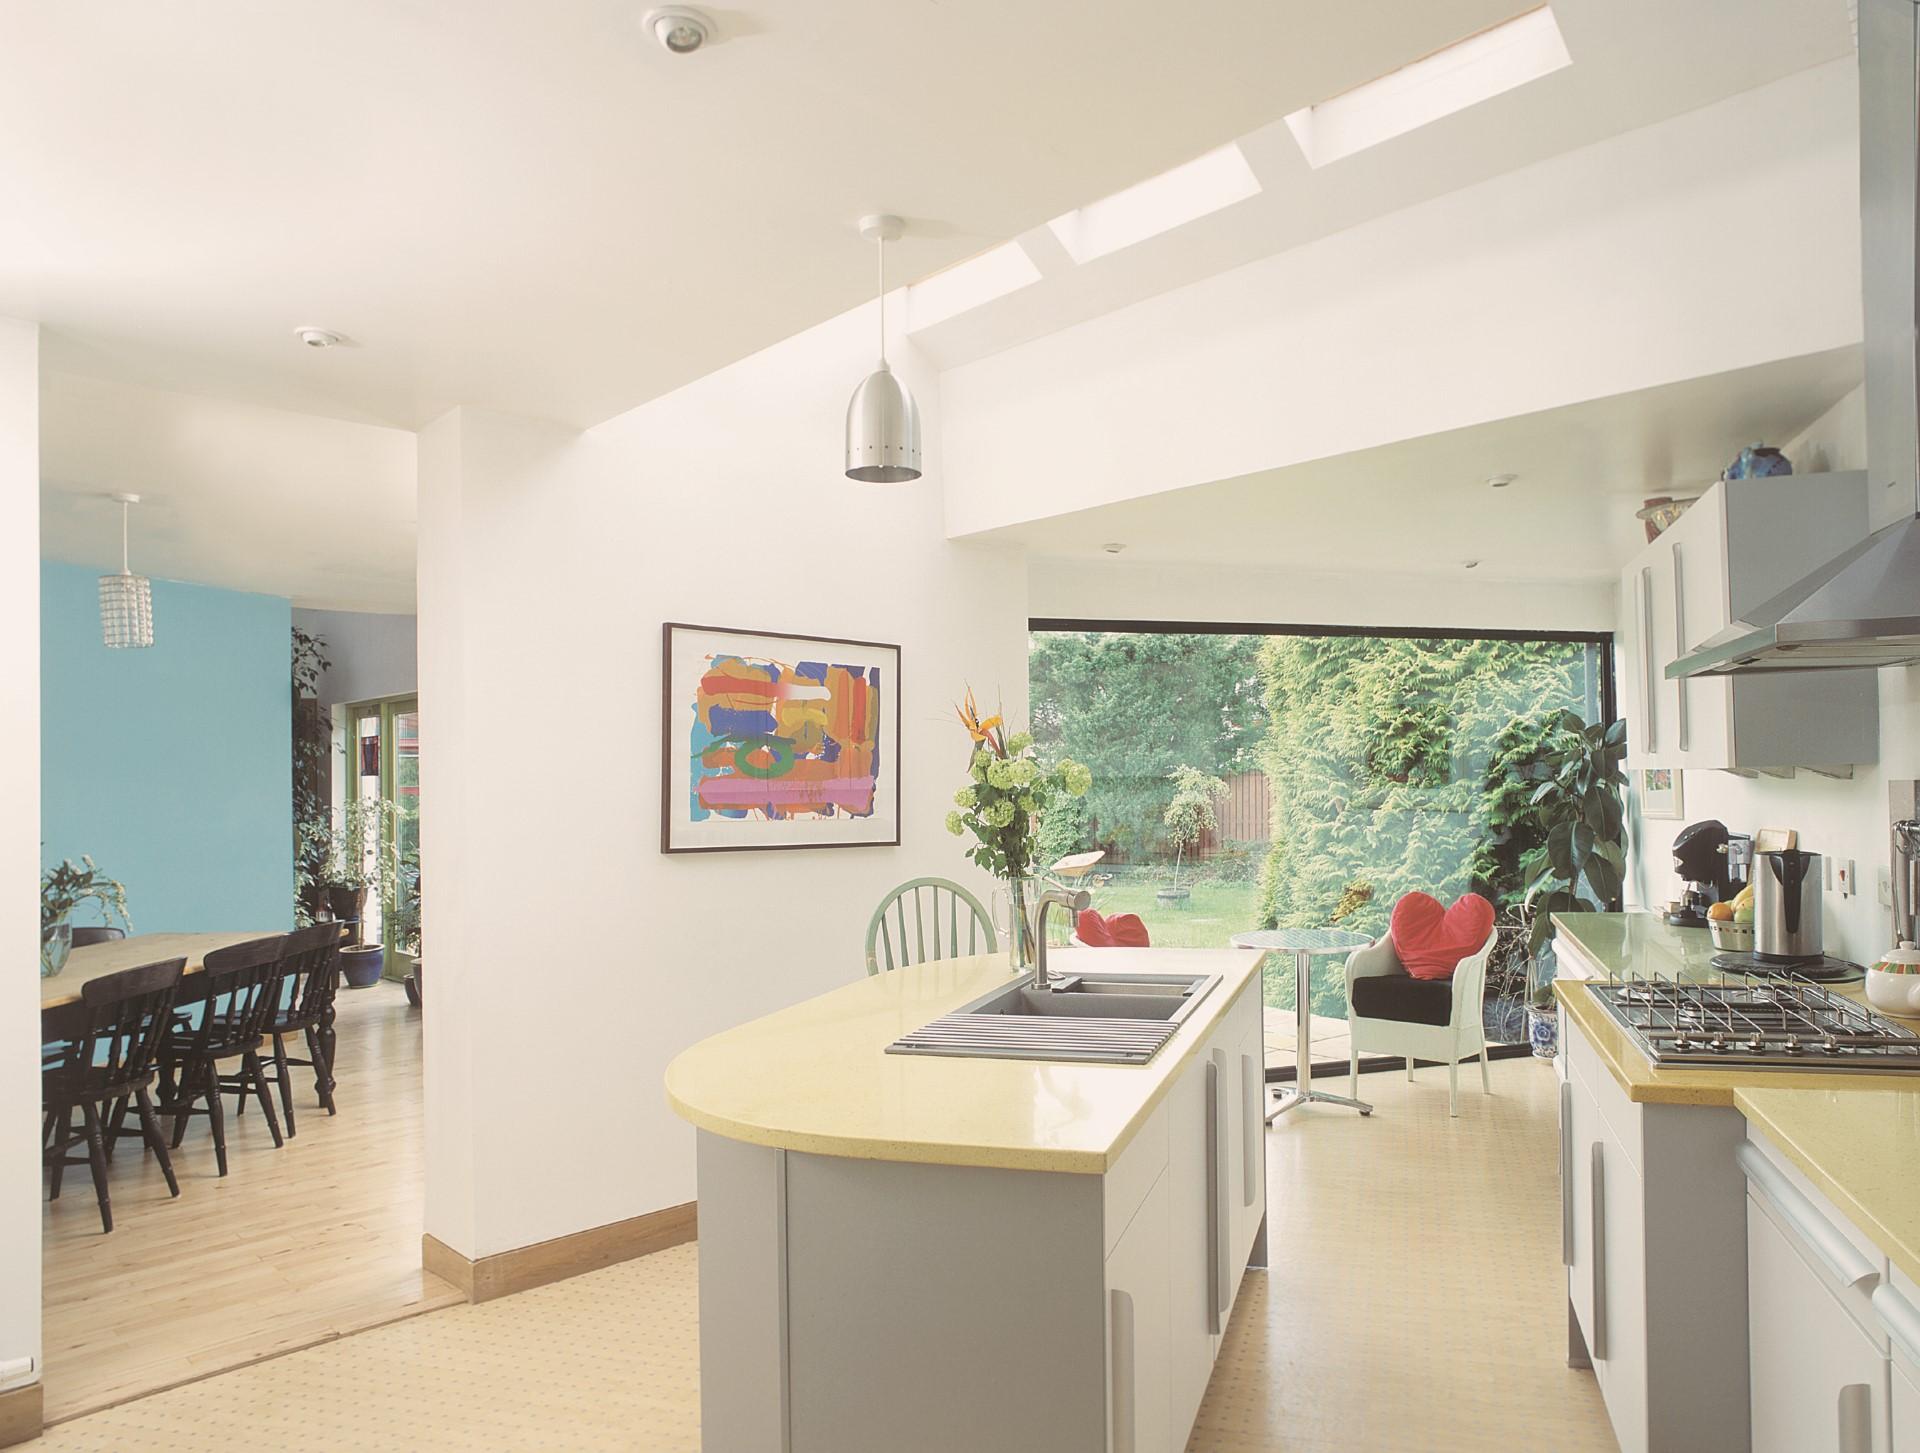 Idee per rinnovare la mansarda a primavera - Come rinnovare la cucina ...